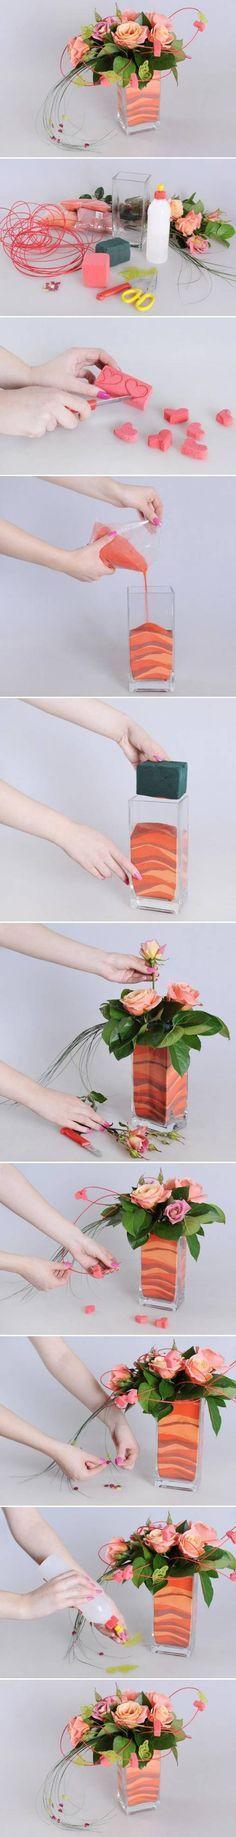 DIY Flower Vase Decoration